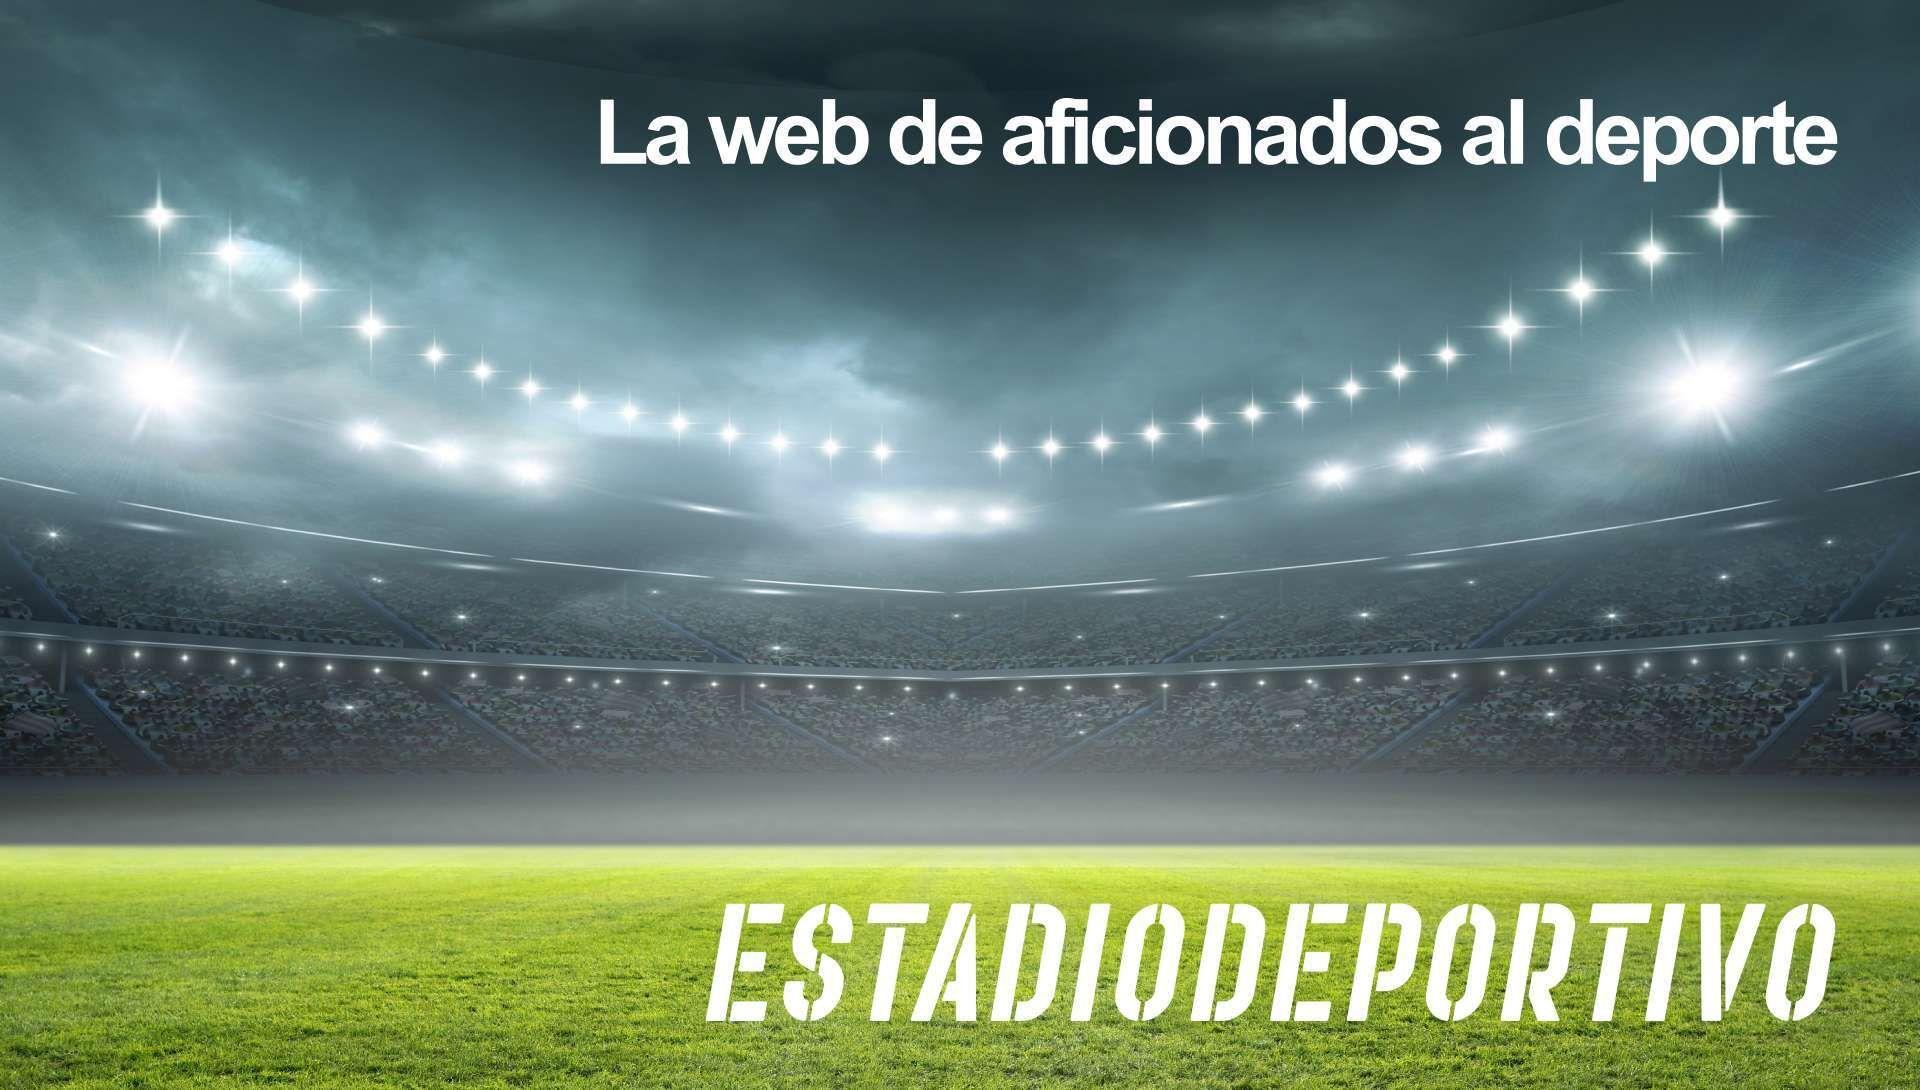 Las portadas del sábado 19 de agosto